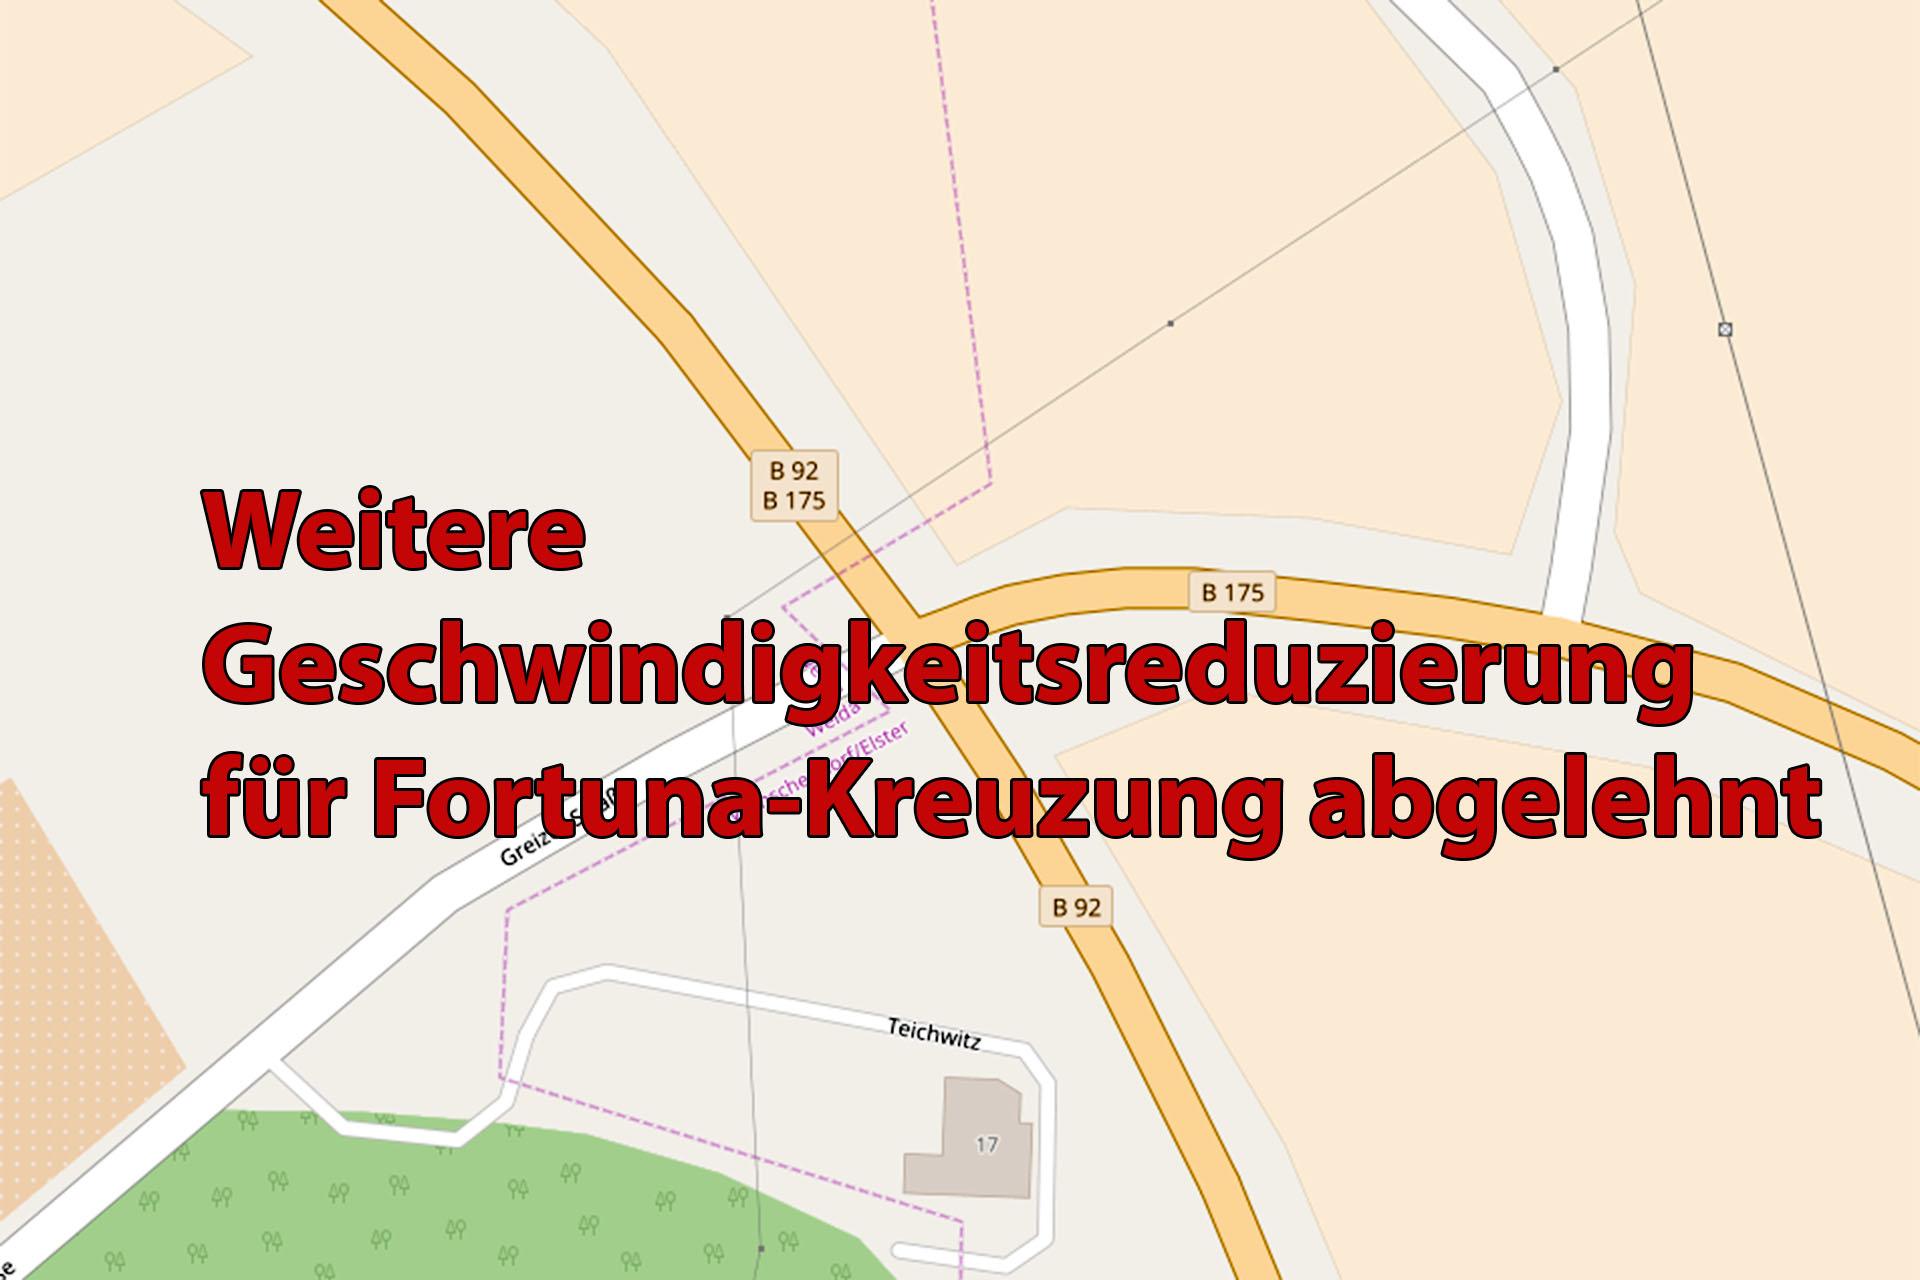 Weitere Geschwindigkeitsreduzierung für Fortuna-Kreuzung abgelehnt